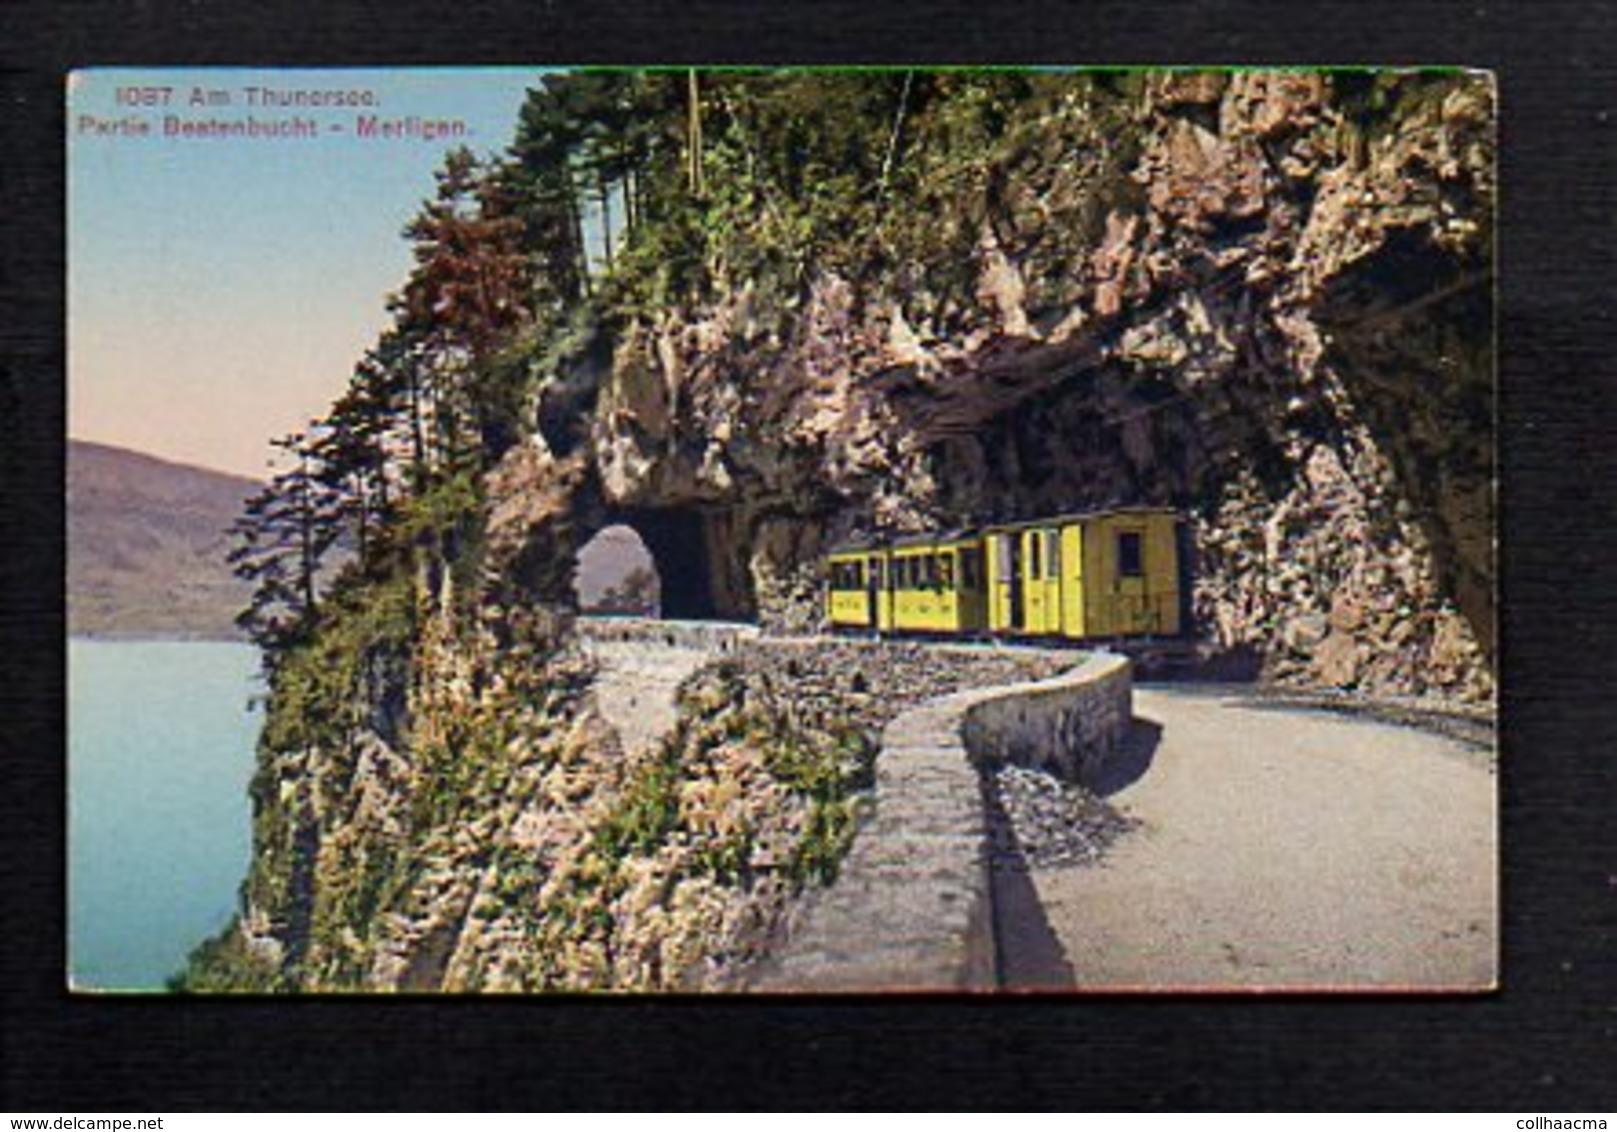 Suisse / Am Thunersee / Partie Beatenbucht / Merligen / Chemin De Fer - Suisse